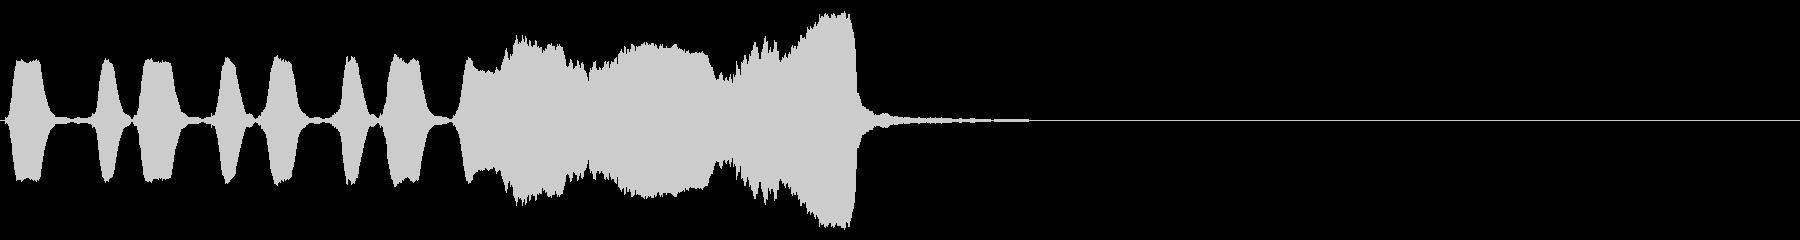 ソングホイッスル まぬけ(リズミカル)の未再生の波形